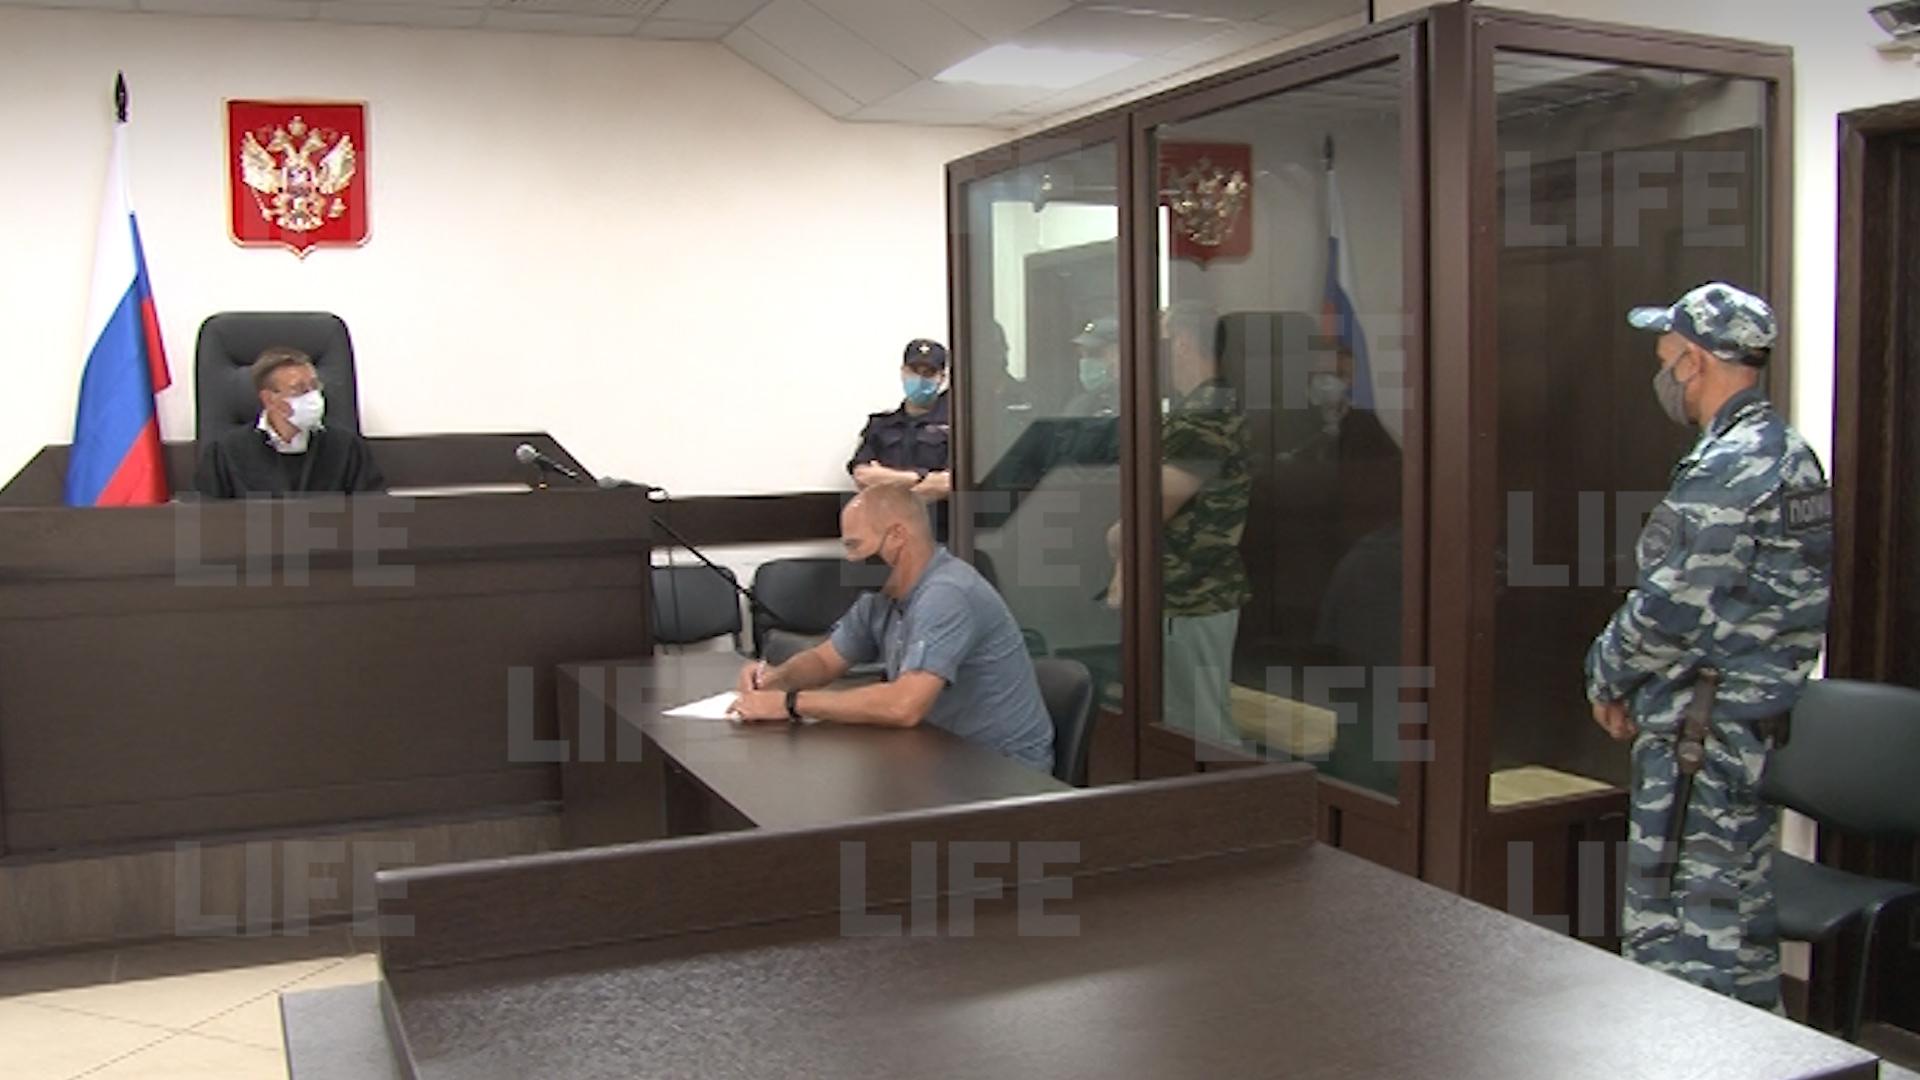 Суд в Нижегородской области арестовал на два месяца убийцу американской студентки